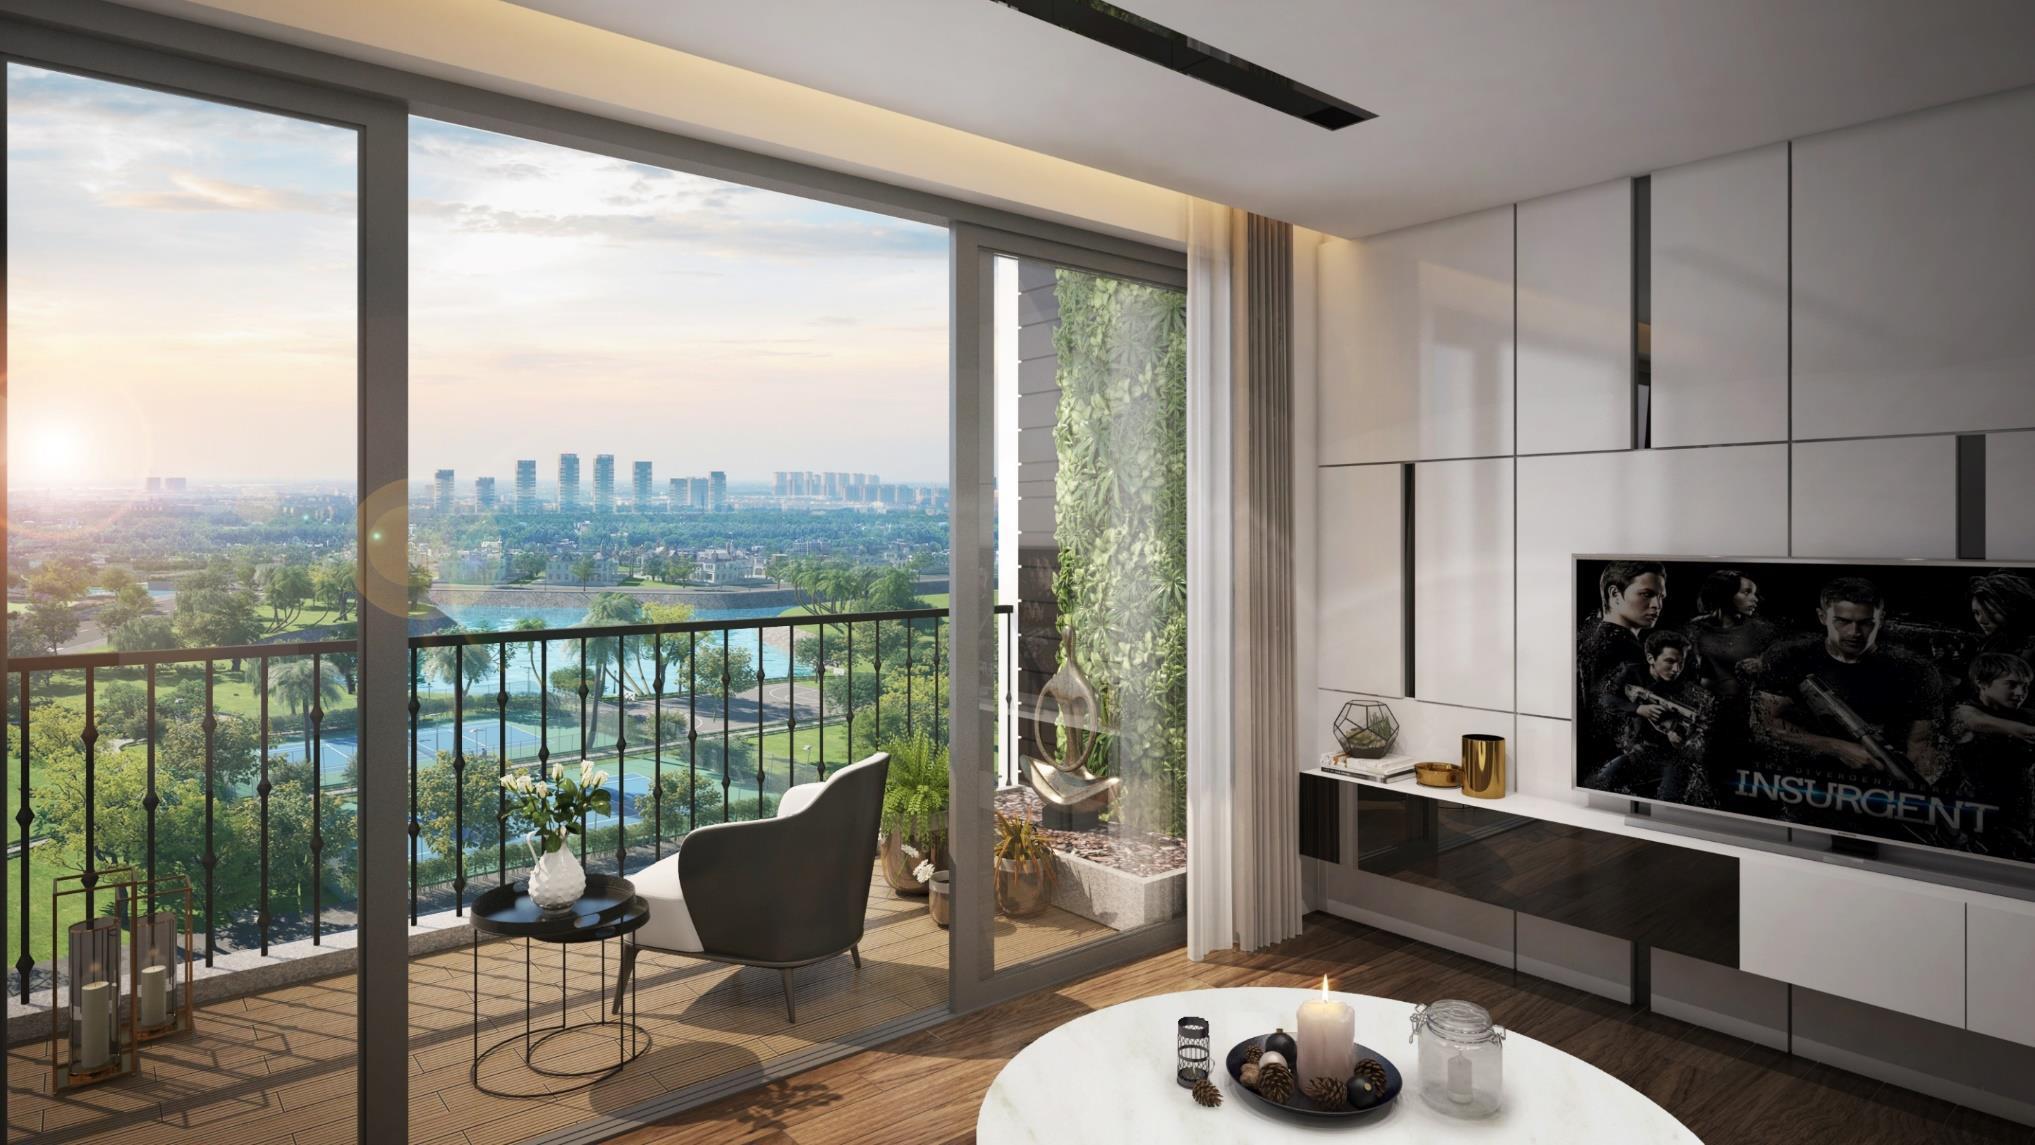 Thiết kế căn hộ VinCity đa dạng với 14 mẫu căn hộ